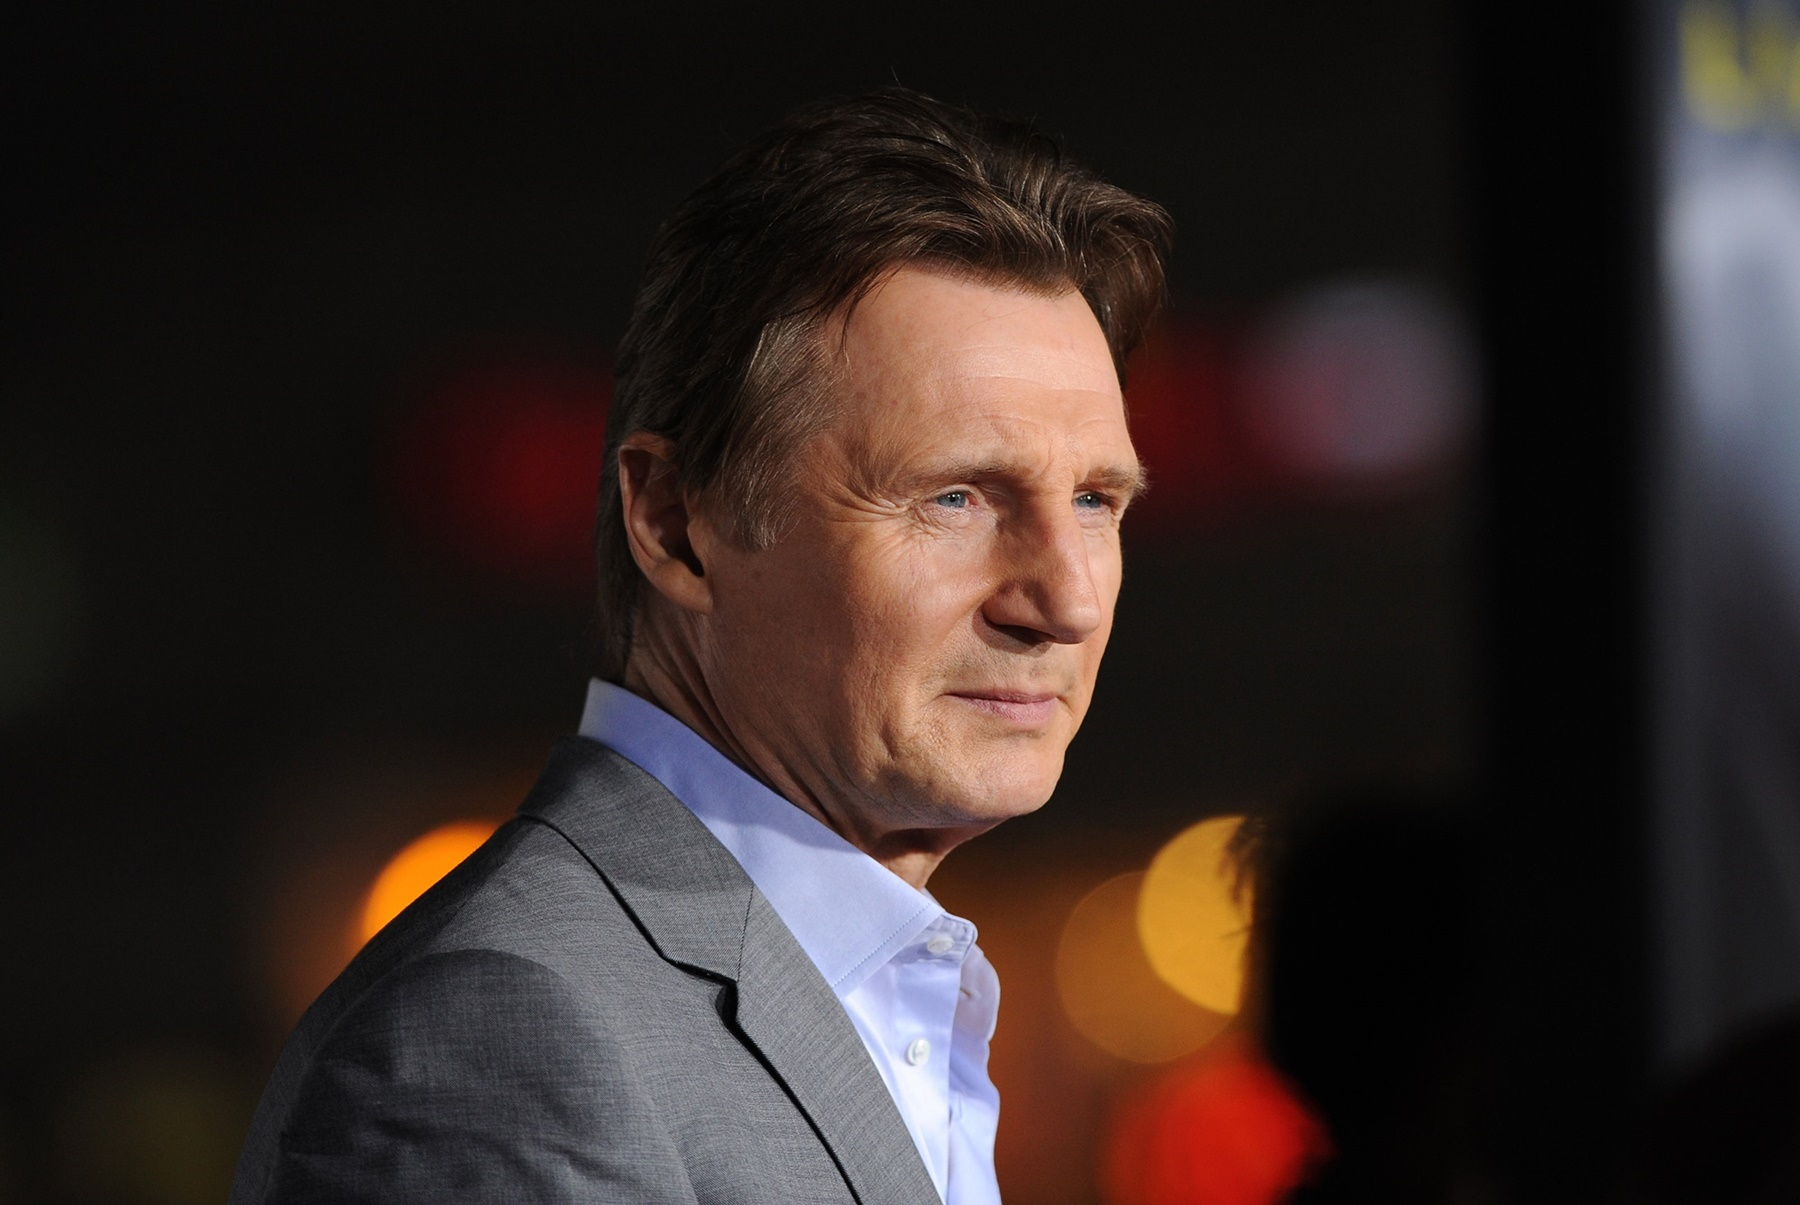 Liam Neeson Random Black Man Rape